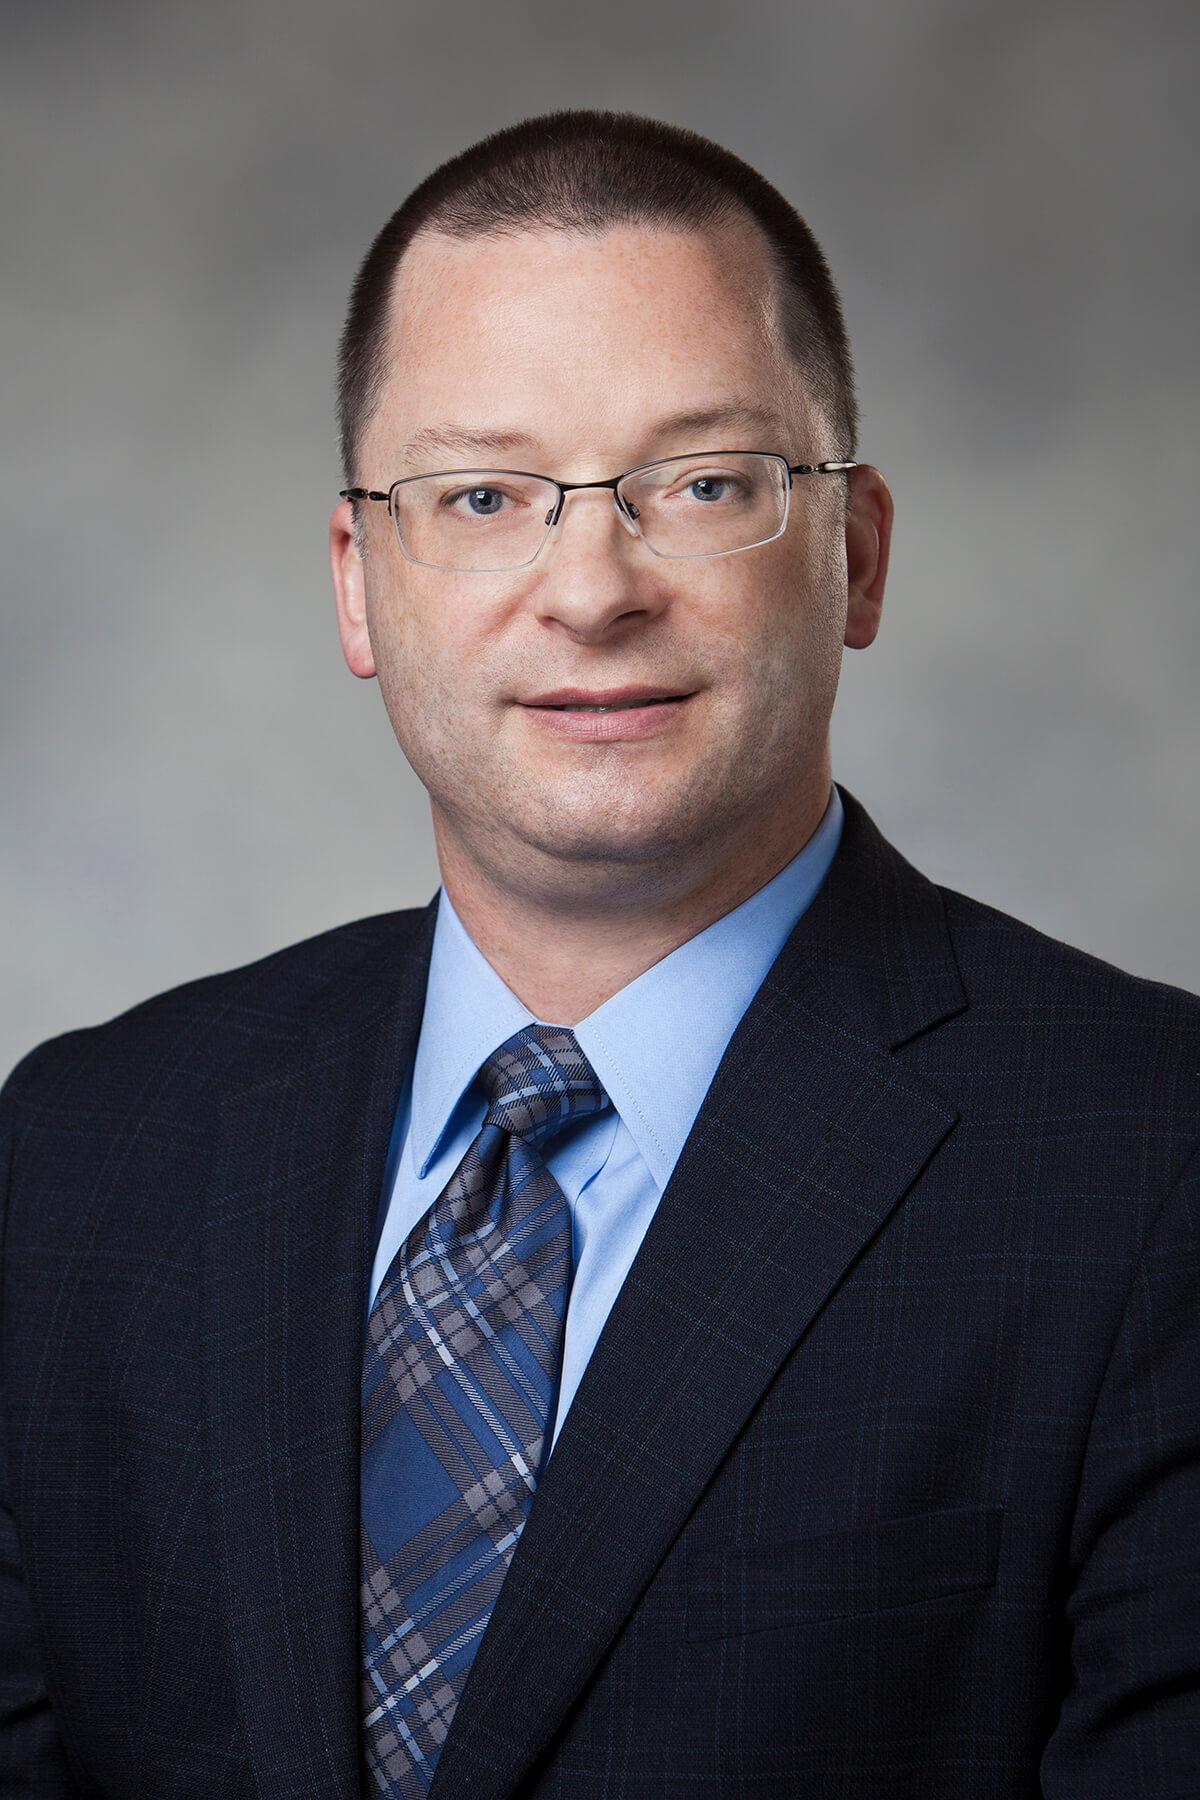 Robert Bejnarowicz